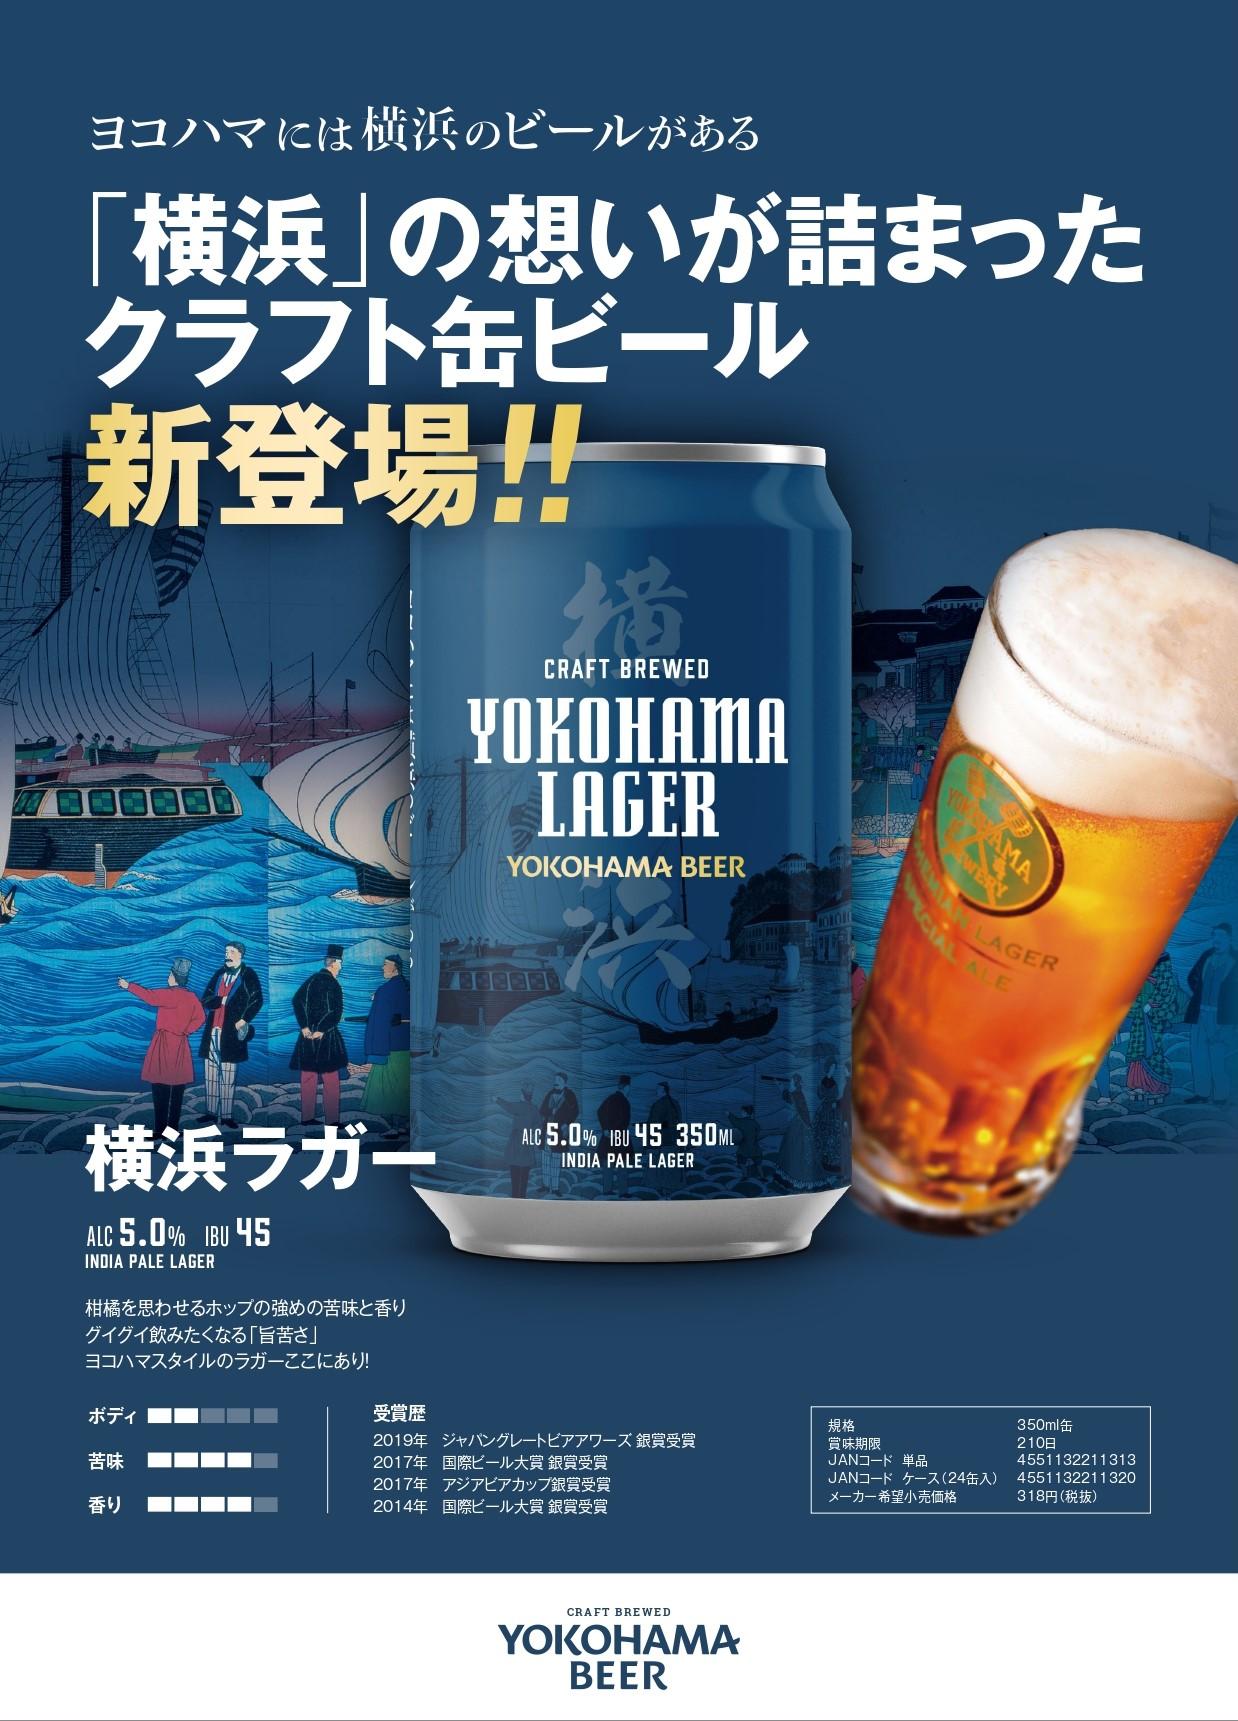 20年以上の歴史をもつ「横浜ビール」初の缶ビールリリース!初回神奈川、神奈川近郊のコンビニエンスストア約800店舗にて12月22日(火)に発売開始!~缶ビールを通して地元神奈川・横浜に元気とワクワクを提供したい!~